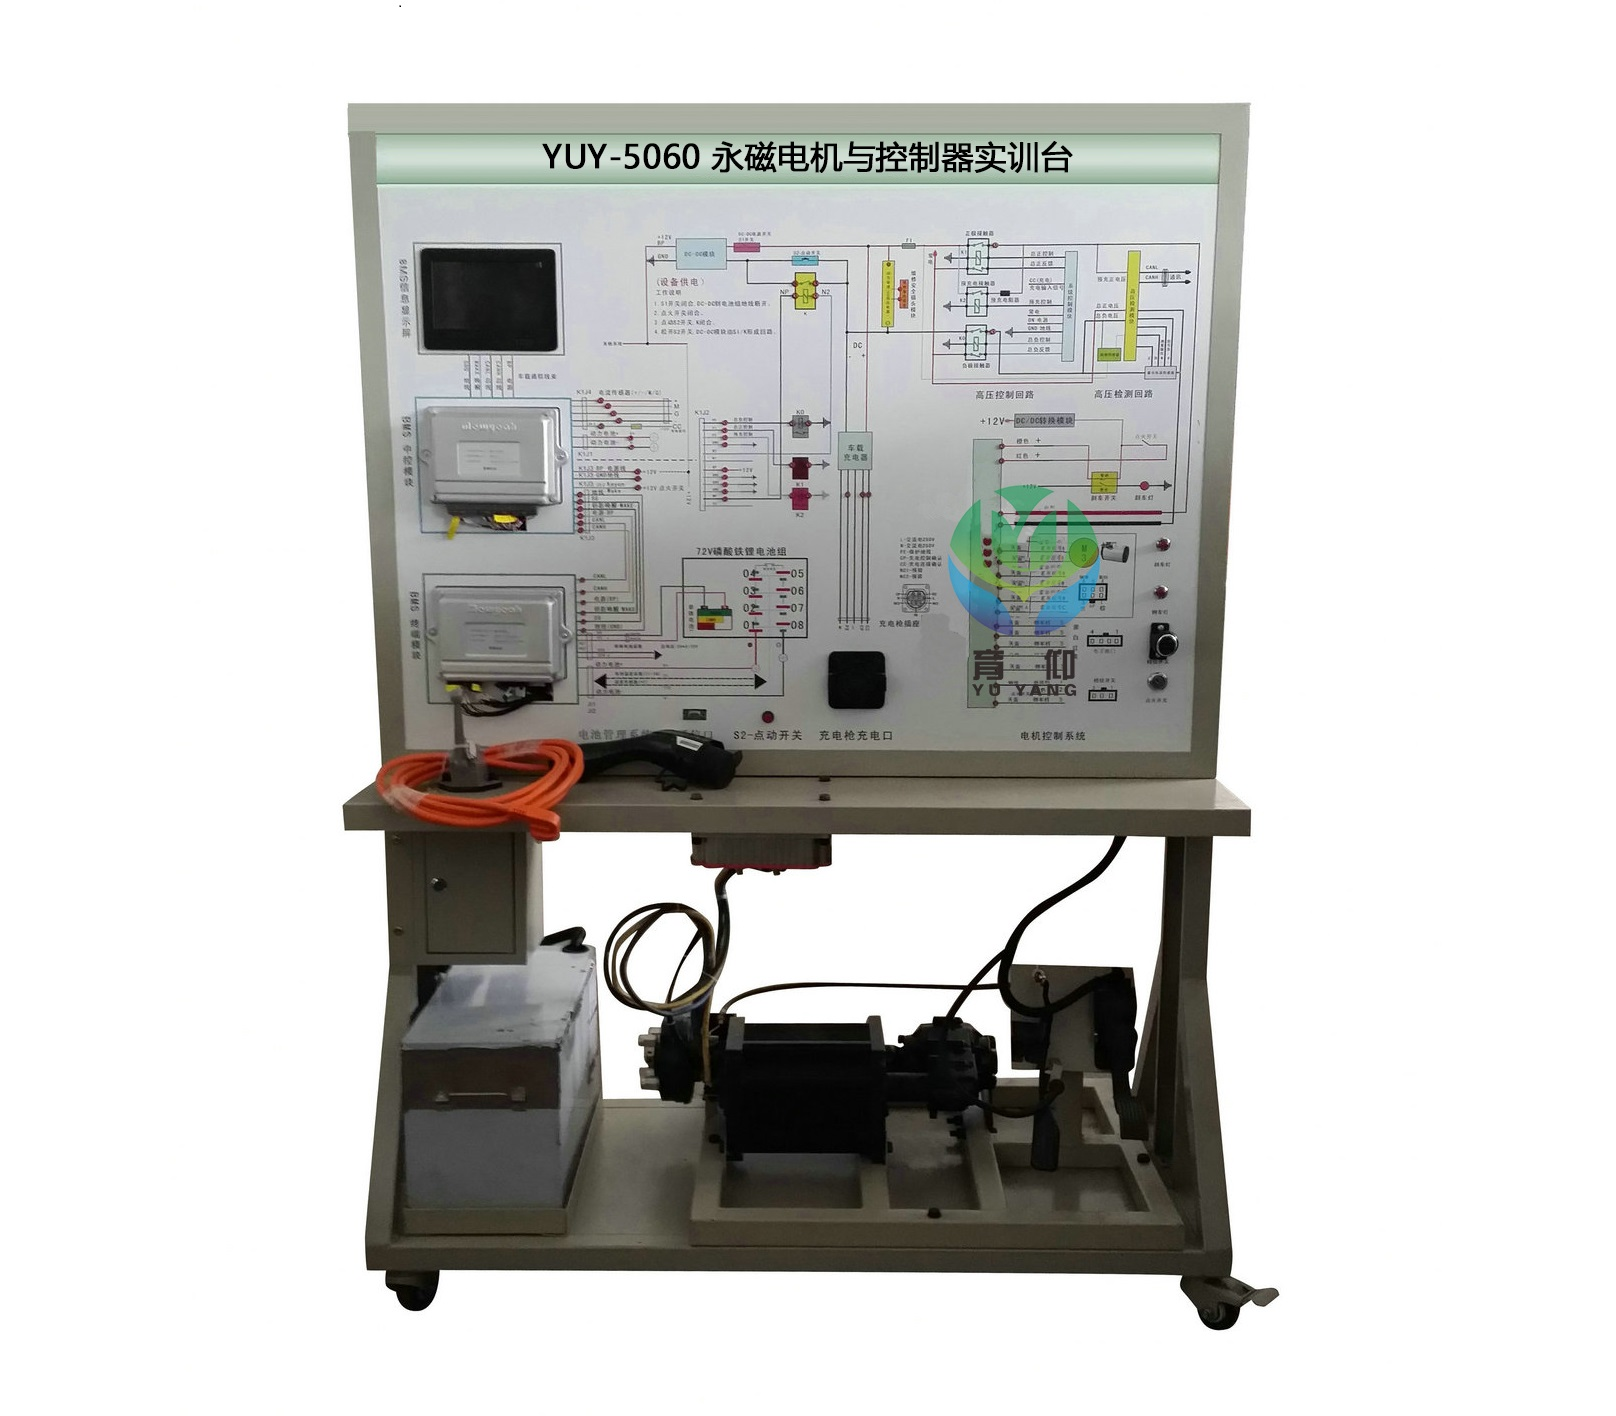 一.产品组成 1.永磁电机与控制器实训台以电动汽车真实零部件为基础构建可演示电动汽车驱动工作原理及过程、无安全隐患的实训台。 2.主要部件:磷酸铁锂电池组、锂电池管理系统模块、永磁同步直流电机、控制器、组合仪表、档位控制系统、油门、刹车踏板、差速器、驱动半轴及模拟车轮、点火开关、低压蓄电池、继电器、充电插头、安全开关等。 二.